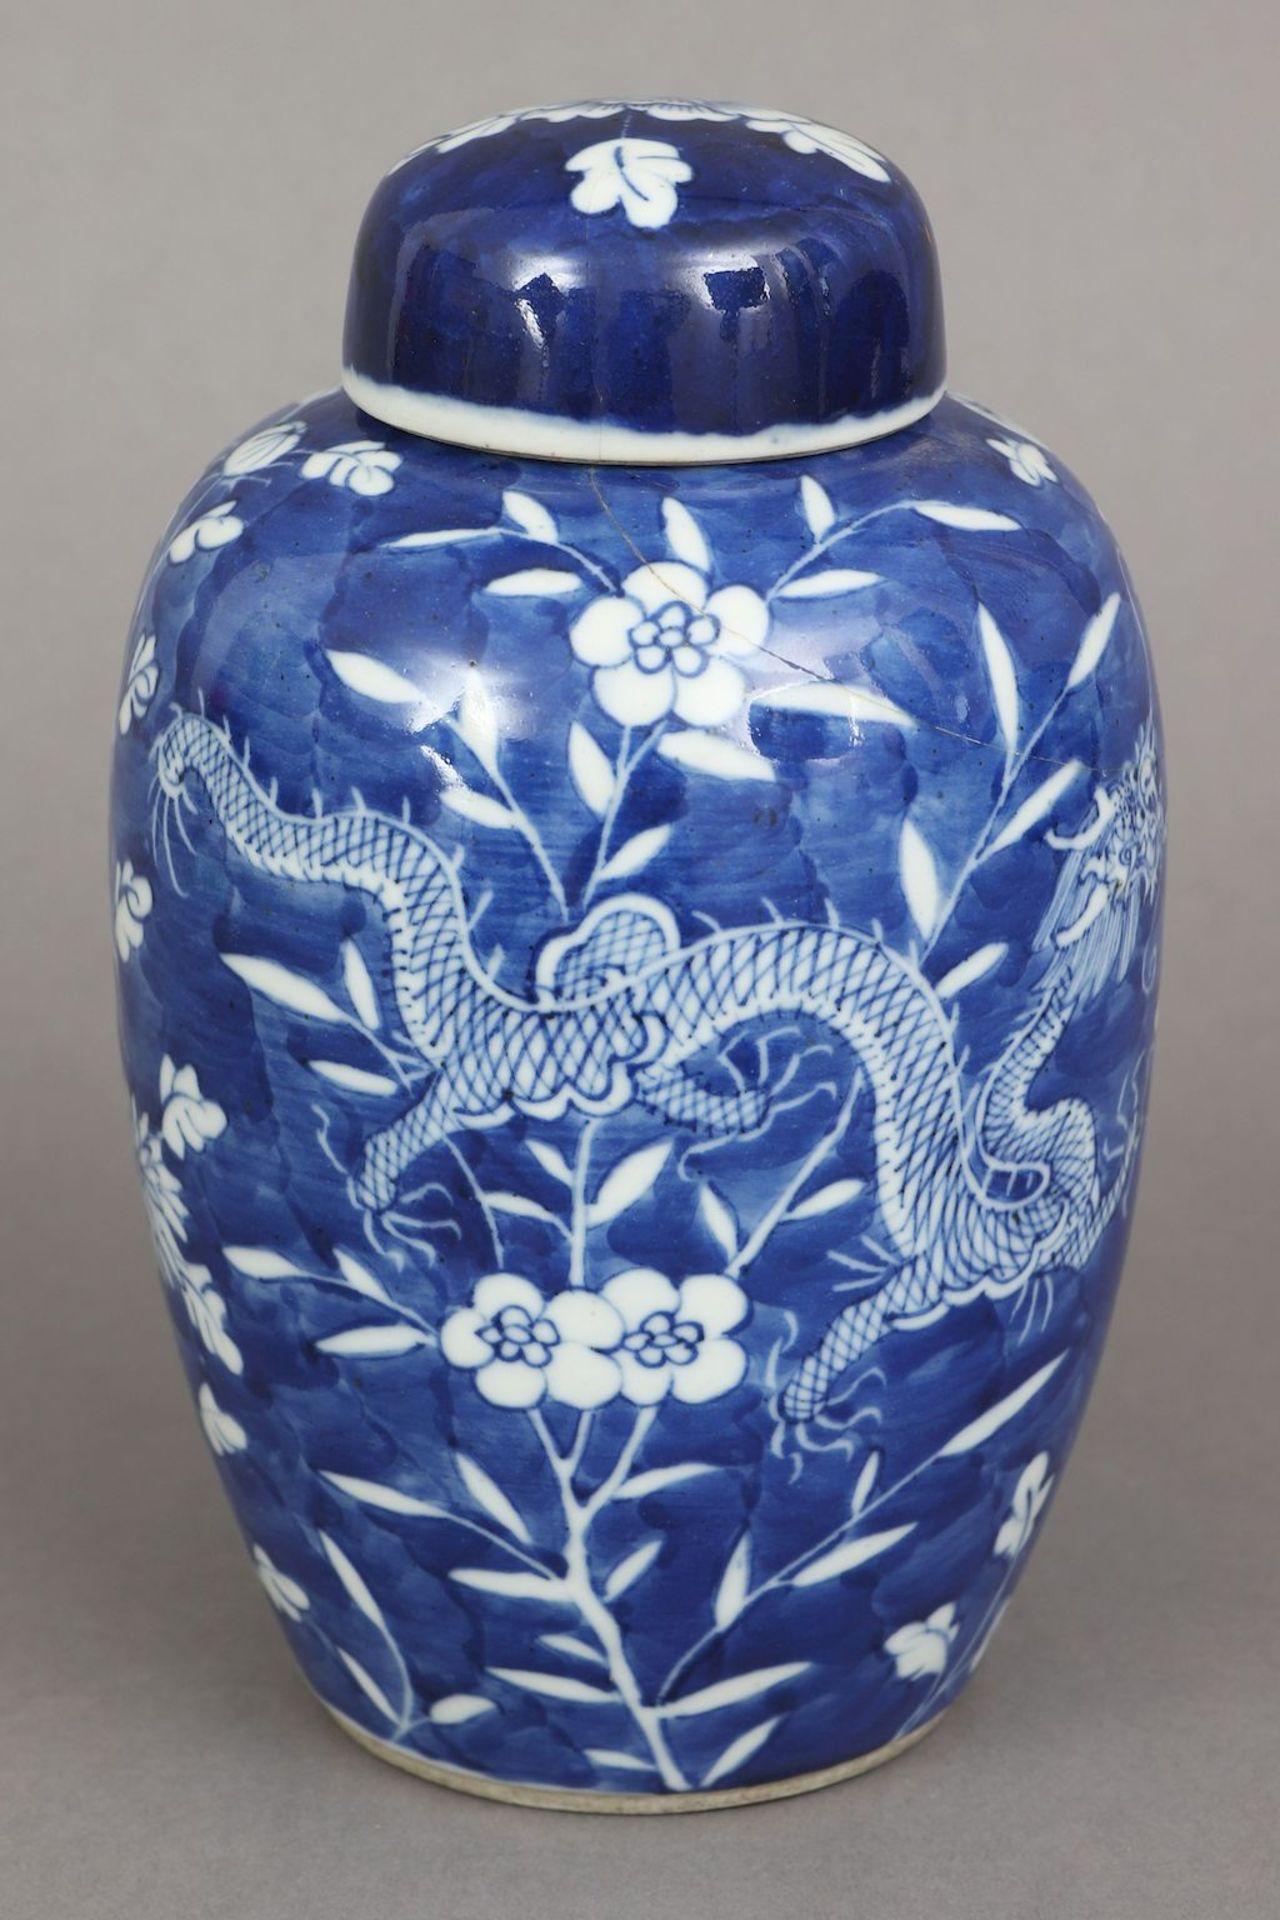 Chinesiches Deckelgefäß mit Blaumalerei ¨Drache und Phönix¨ - Image 2 of 4